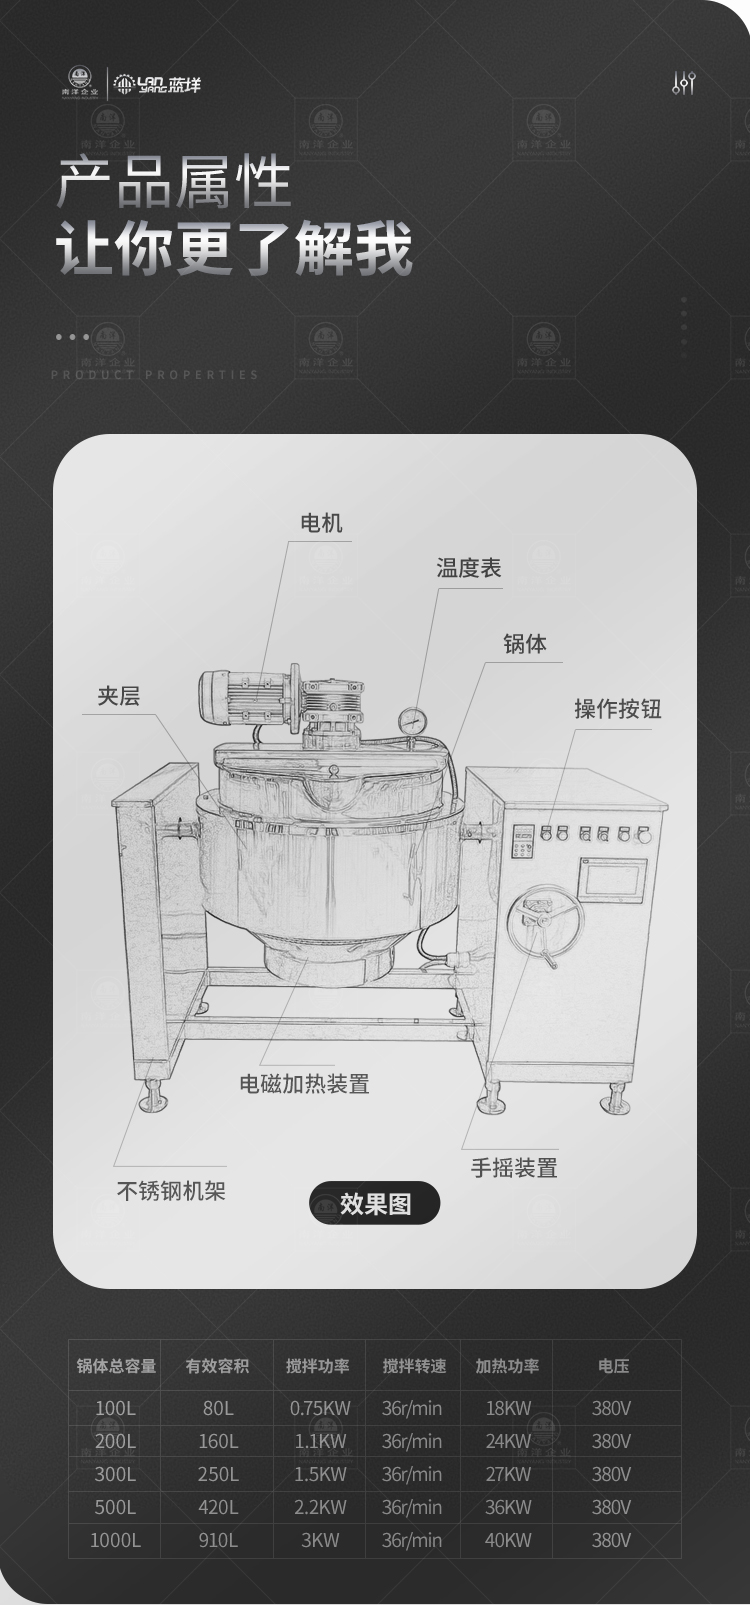 南洋夹层锅——可倾式电磁搅拌锅_02.jpg